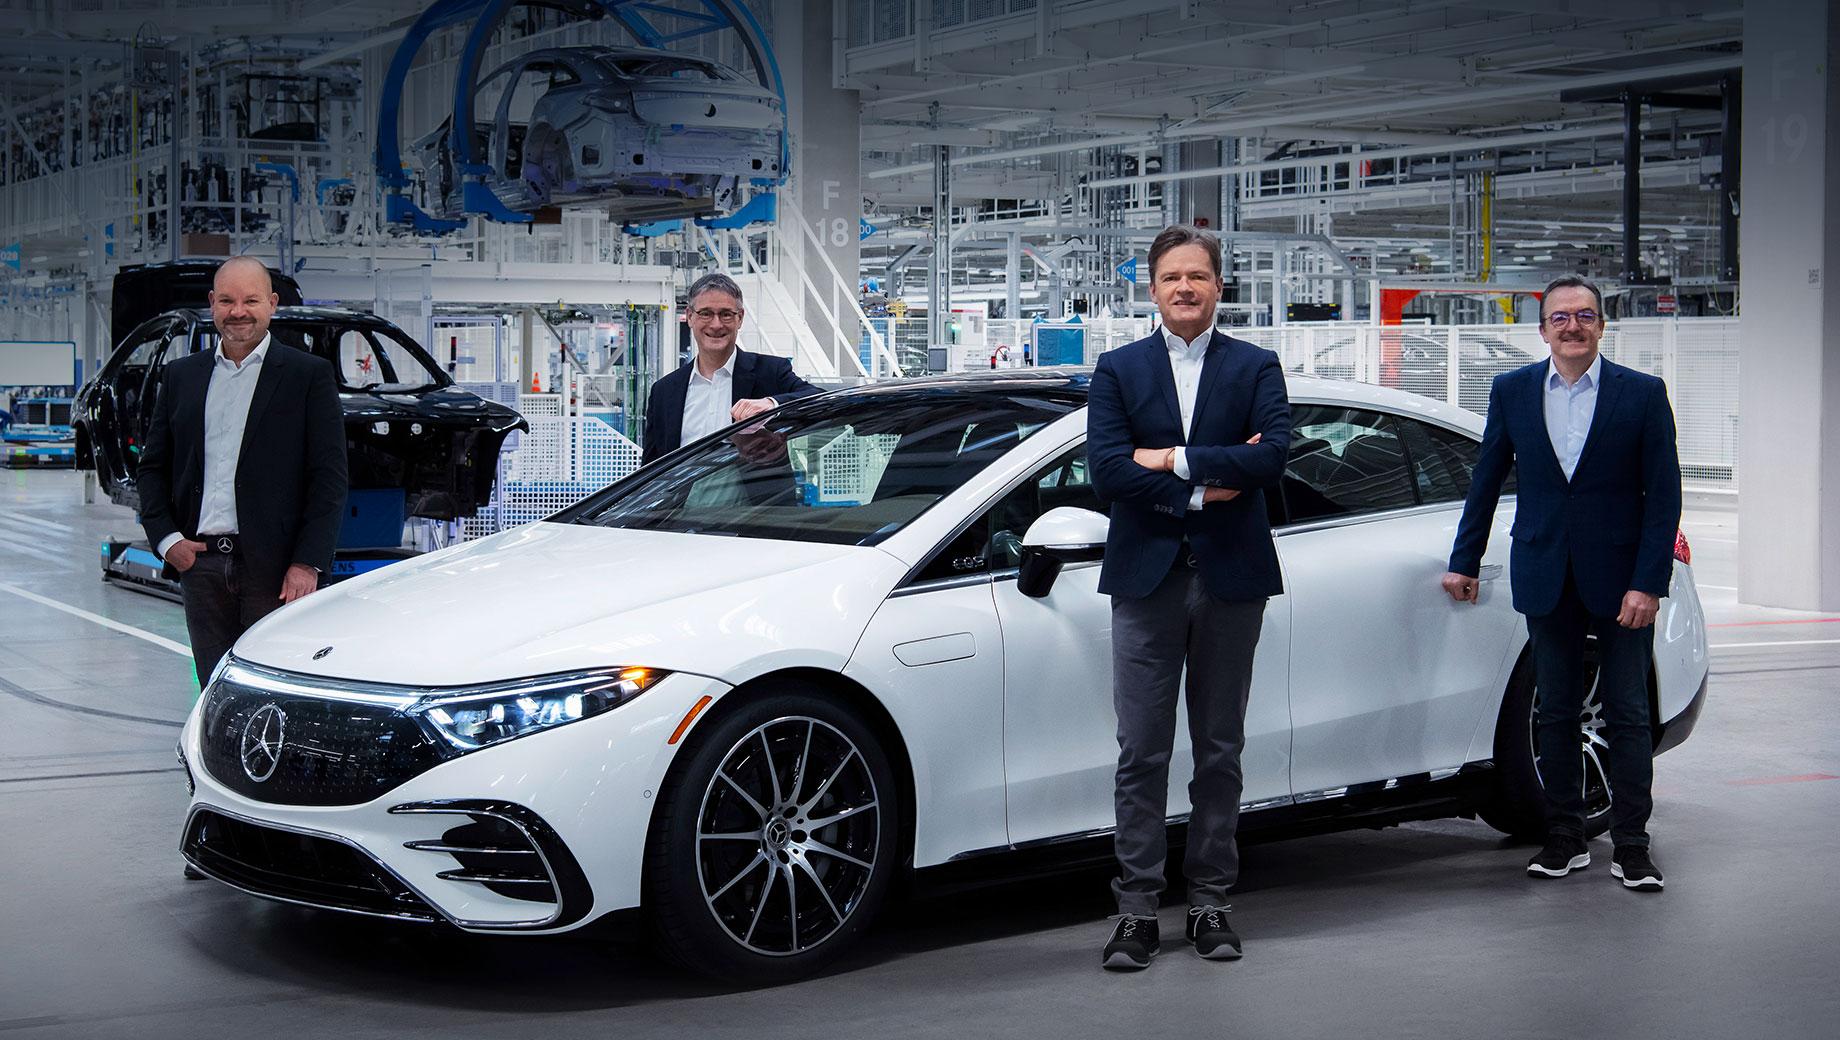 Компания Mercedes-Benz начала собирать электрокар EQS с заводским обозначением V297 на фабрике Factory 56 в городе Зиндельфинген, где также производят новый S-класс (в том числе под суббрендом Maybach).